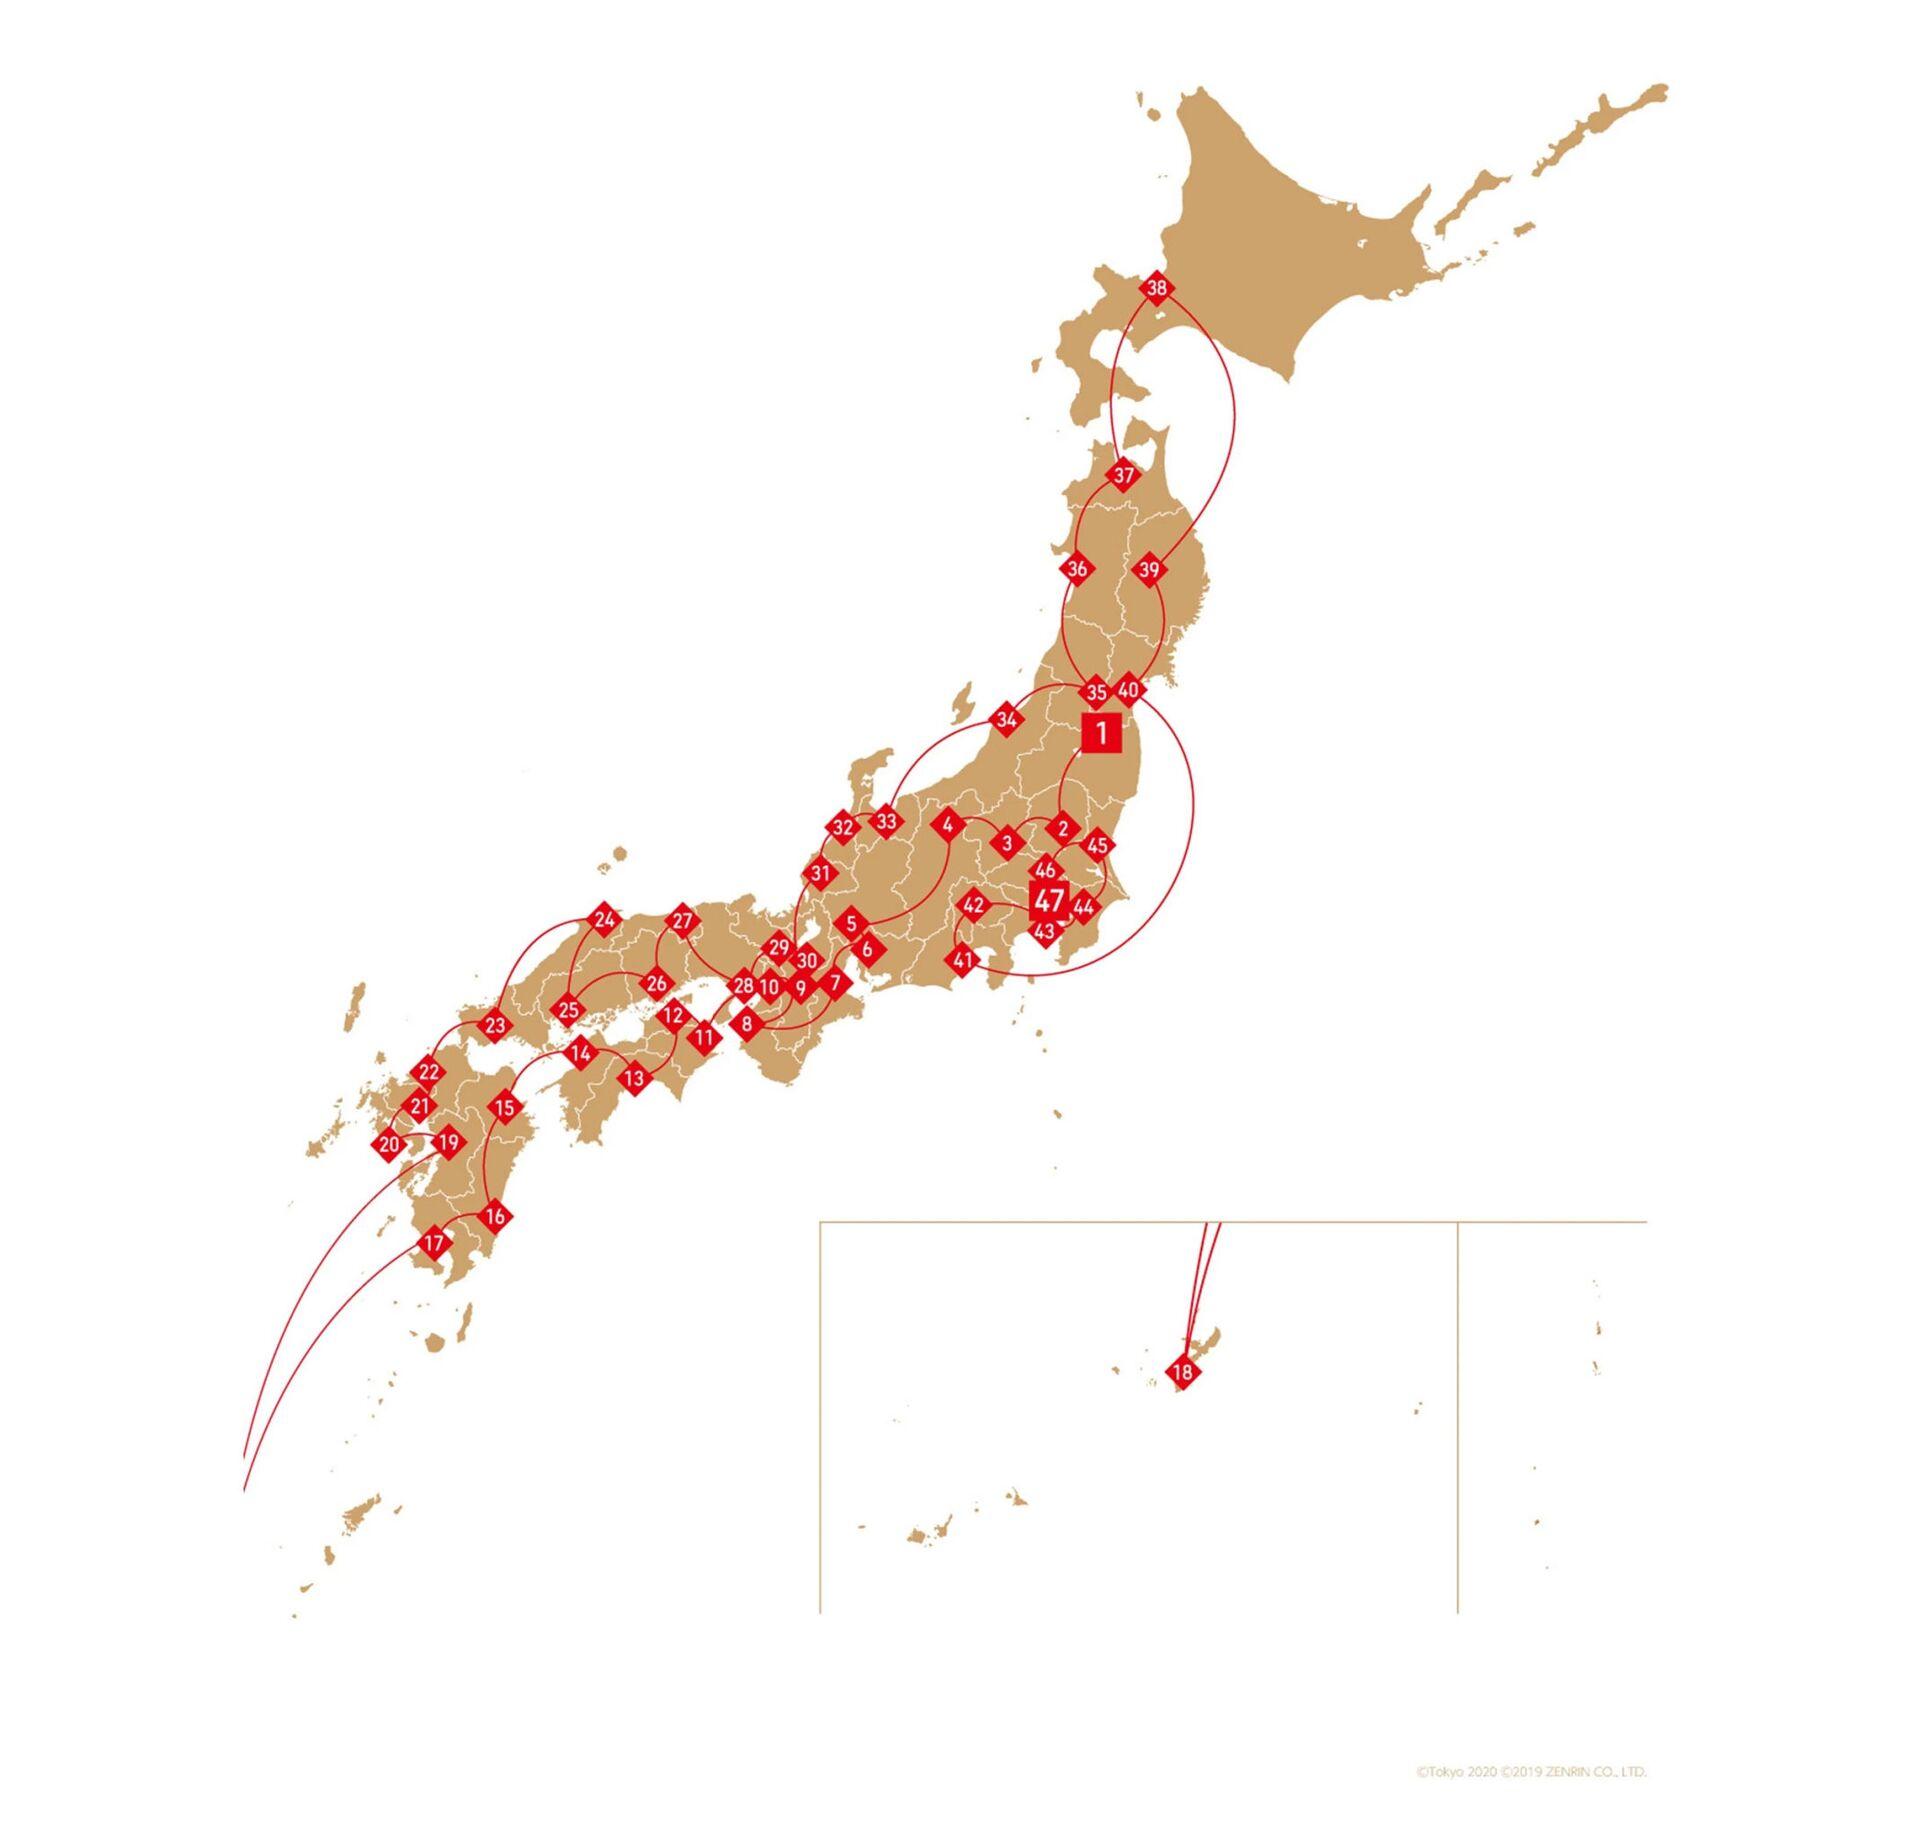 韓国前首相 「削除しない場合、不参加も」 竹島が東京五輪サイトで日本の領土と表記 - Sputnik 日本, 1920, 27.05.2021